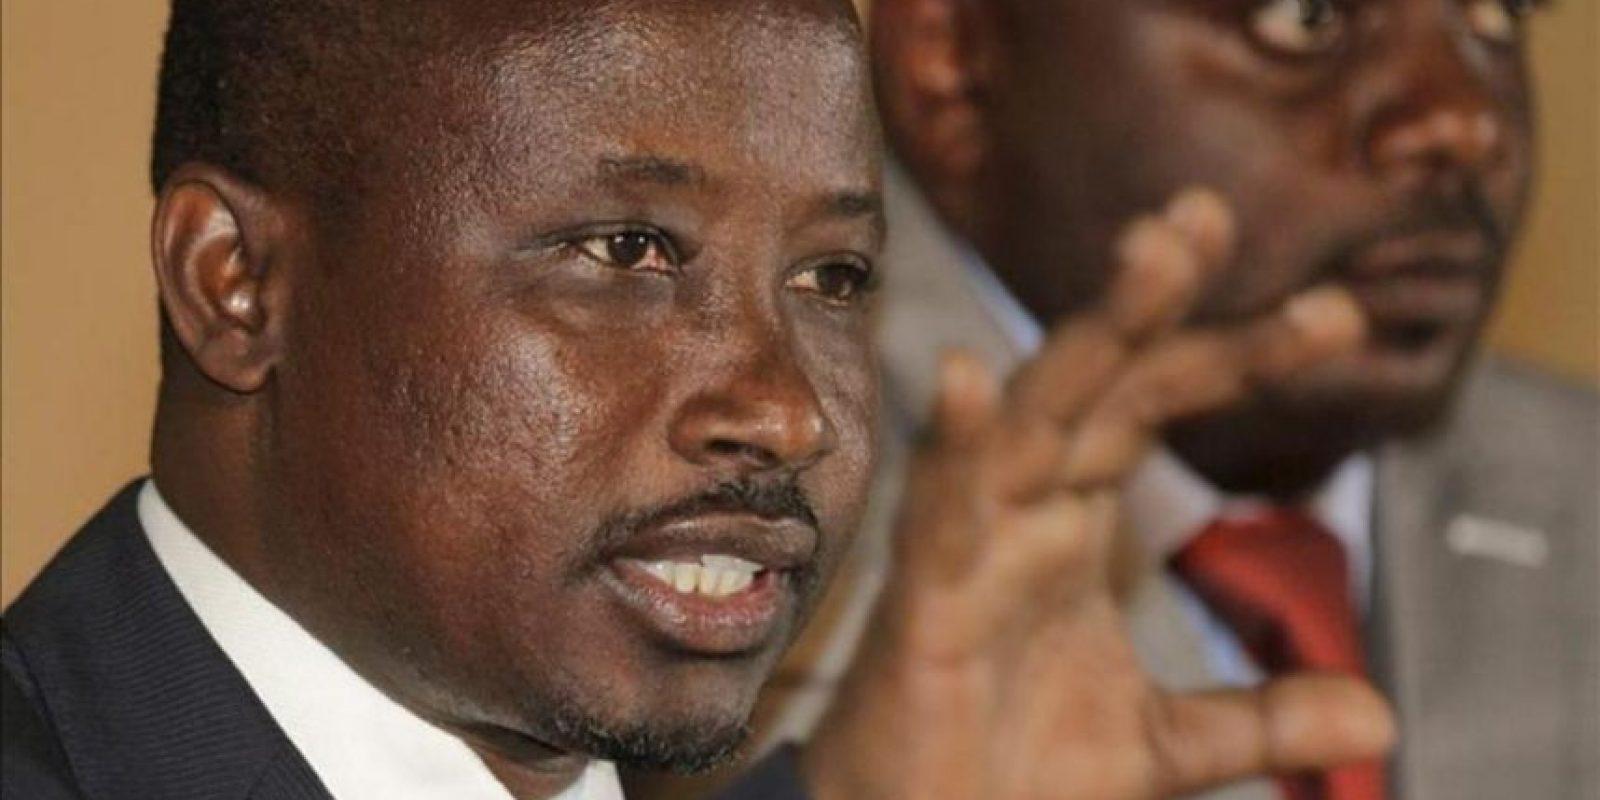 El líder del movimiento rebelde del oeste de la República Democrática del Congo M23, Jean-Marie Runiga (izq), ofrece una rueda de prensa en la cuidad de Goma, controlada por los rebeldes, en la República Democrática del Congo, hoy martes 27 de noviembre de 2012. EFE